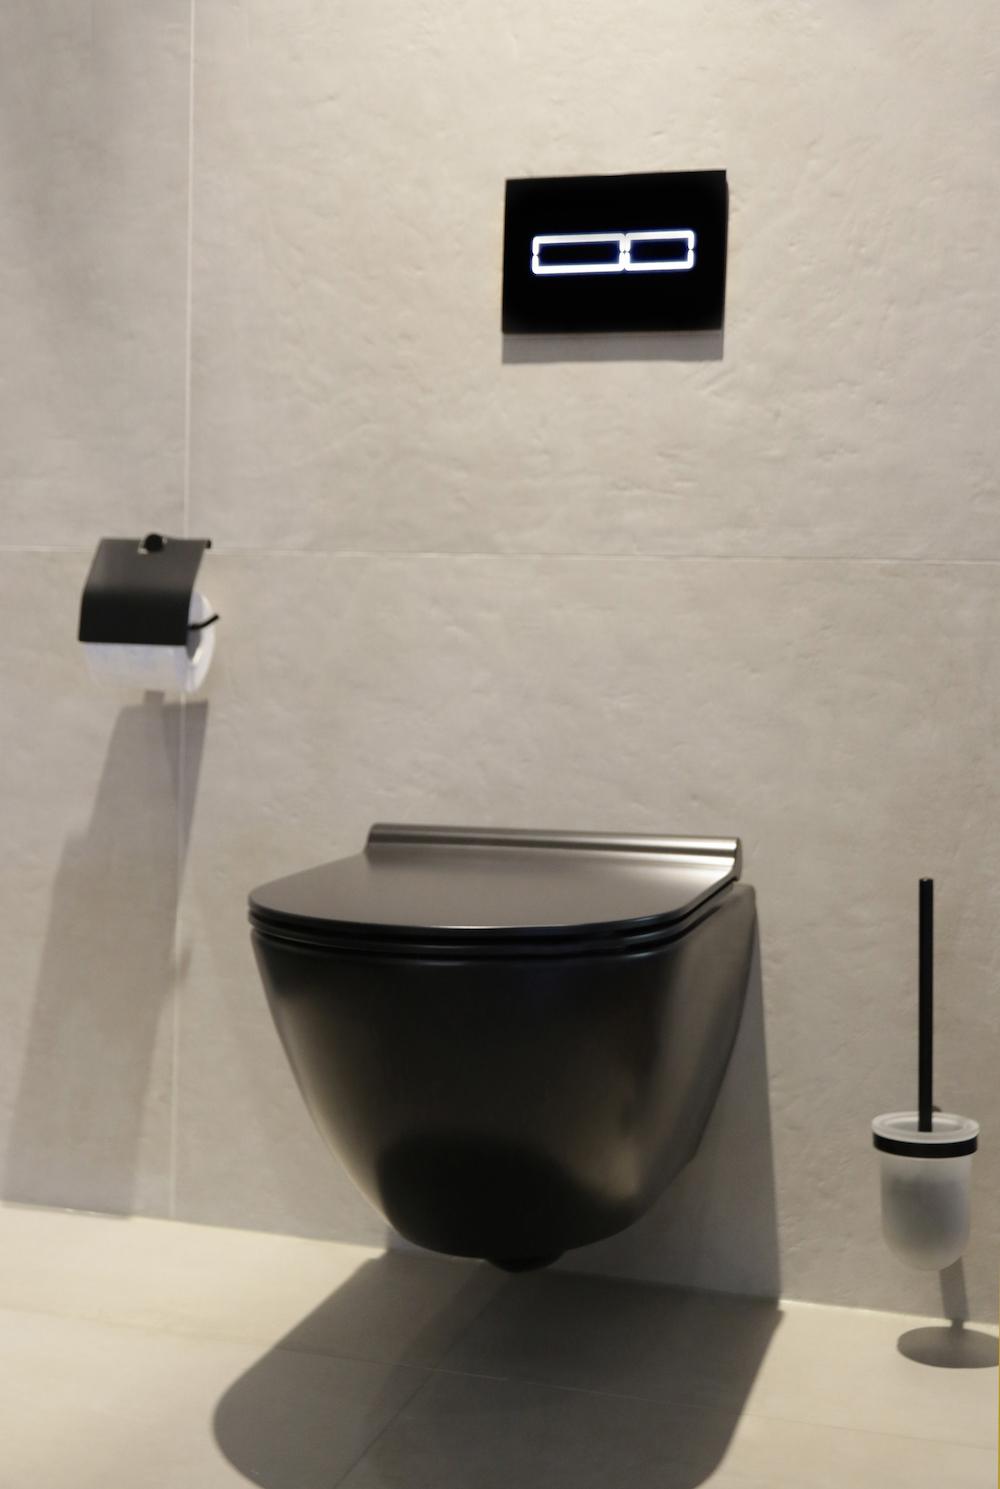 Strakke toiletruimte met een Italiaans design wandcloset via Mijn Bad. Stijlbadkamer #toilet #inspiratie #stijlbadkamer #mijnbad #wandcloset